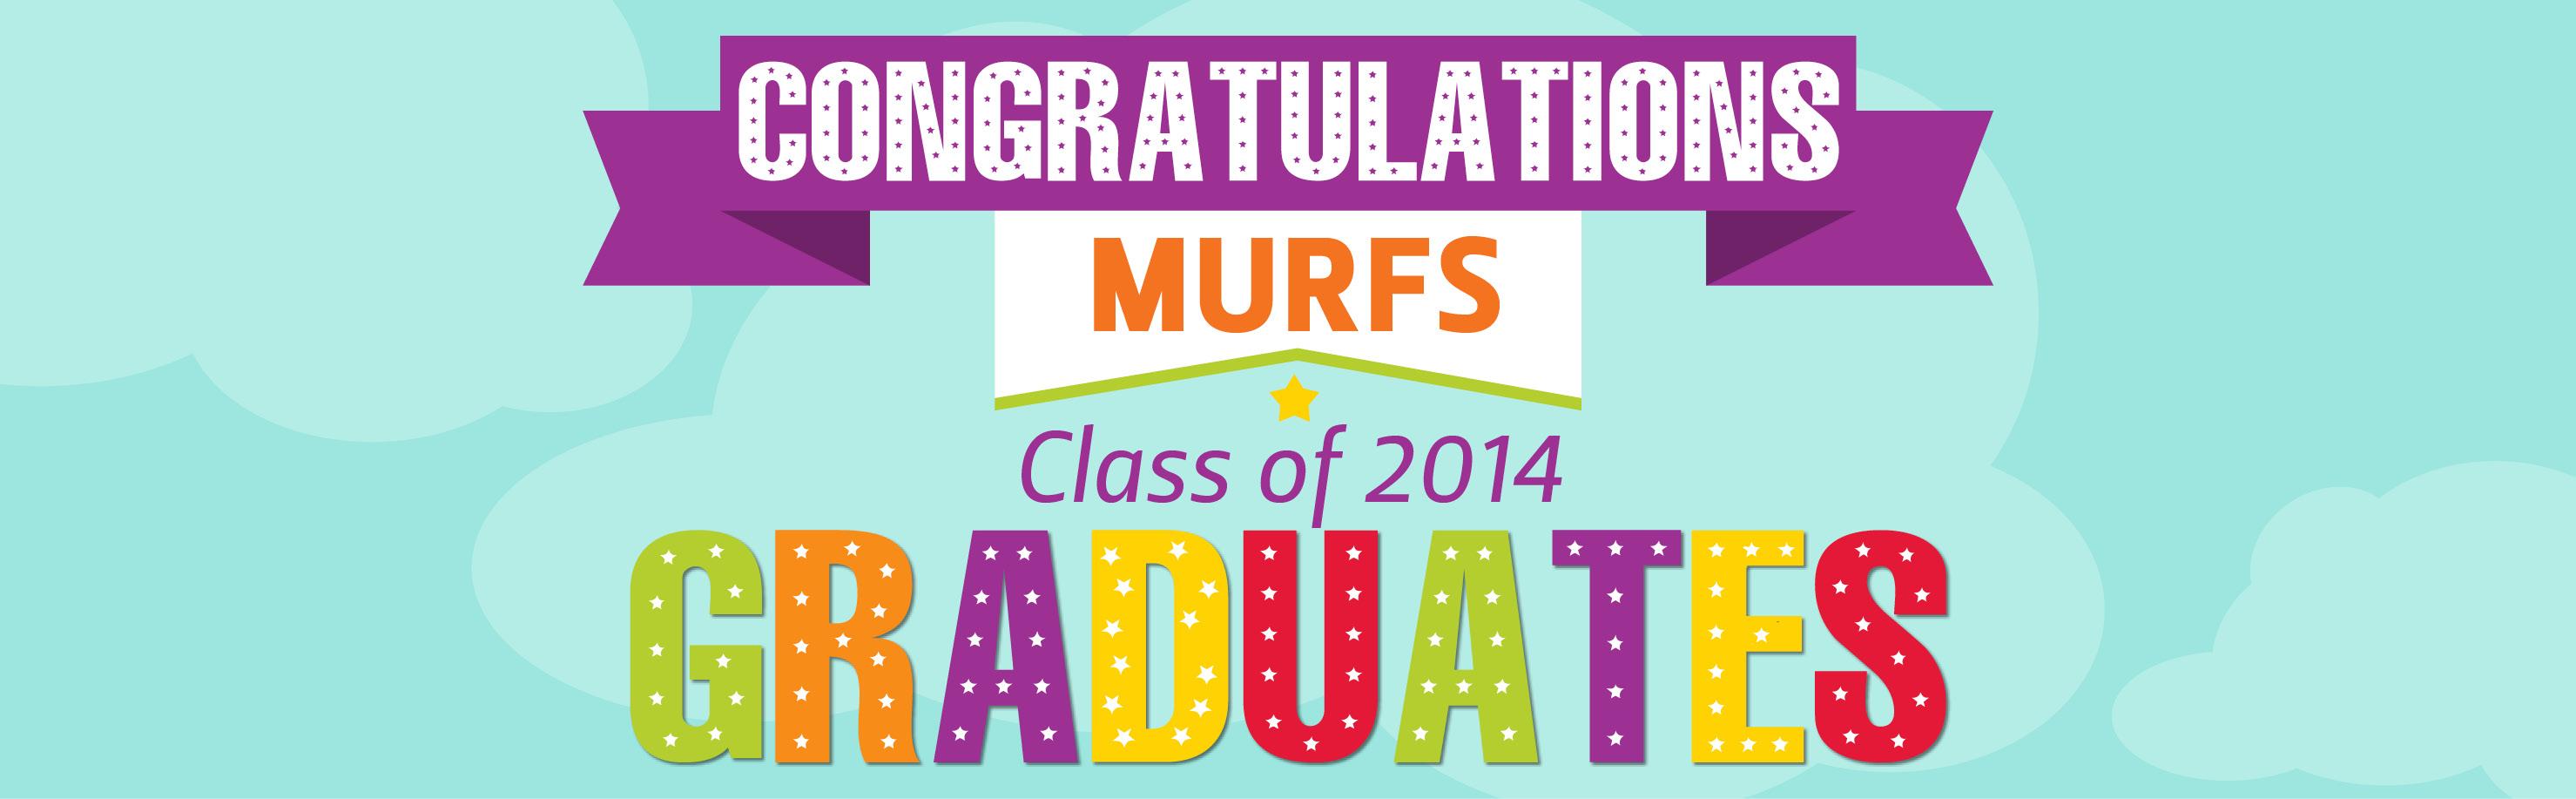 MURFS_GRADS